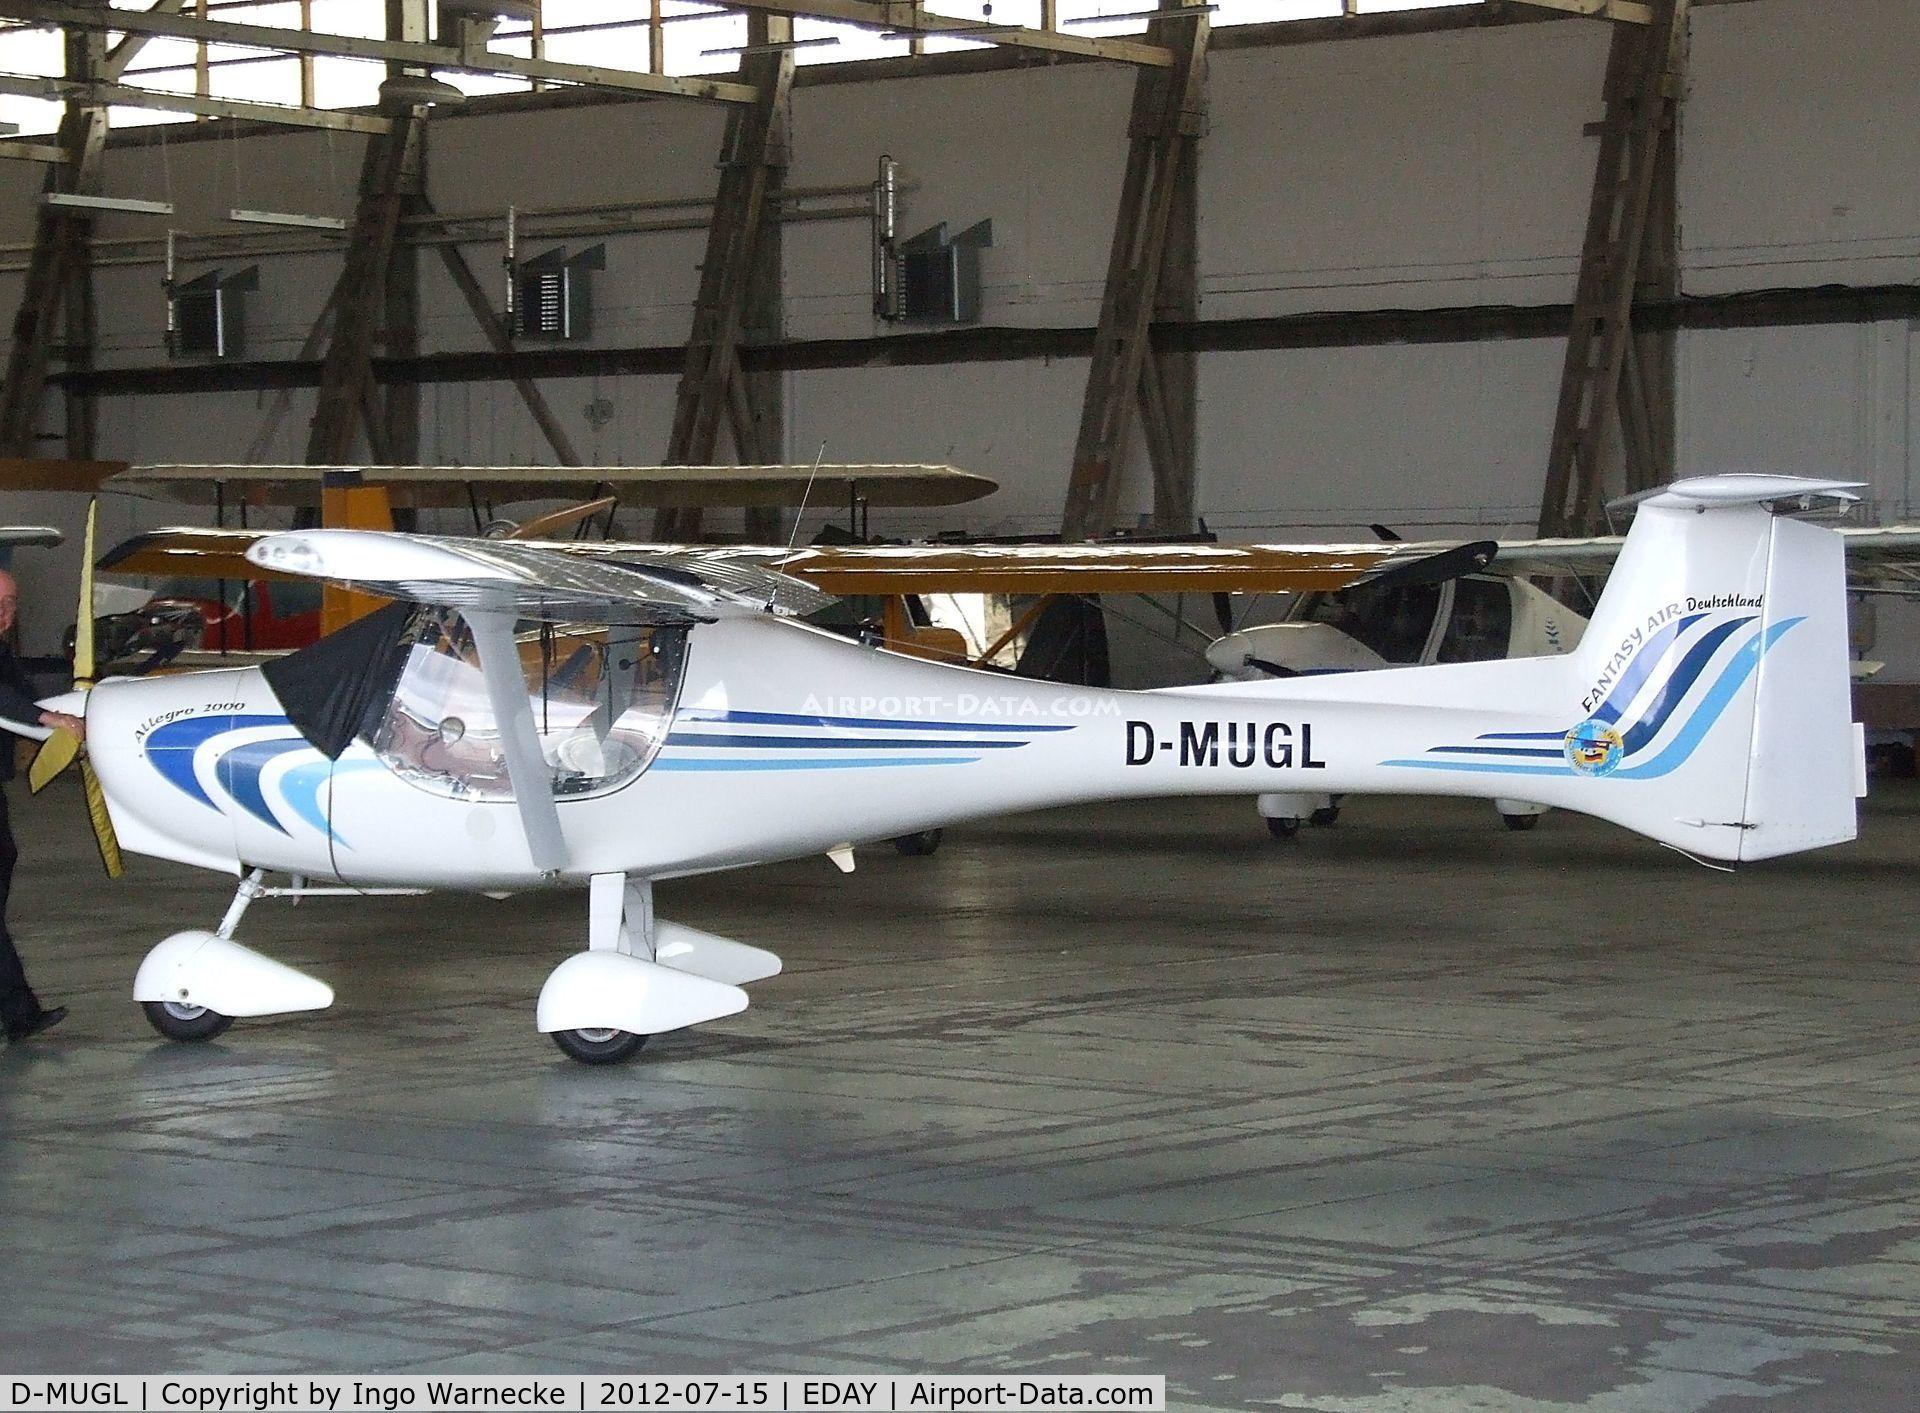 D-MUGL, Fantasy Air Allegro 2000 C/N Not found D-MUGL, Fantasy Air Allegro 2000 at Strausberg airfield